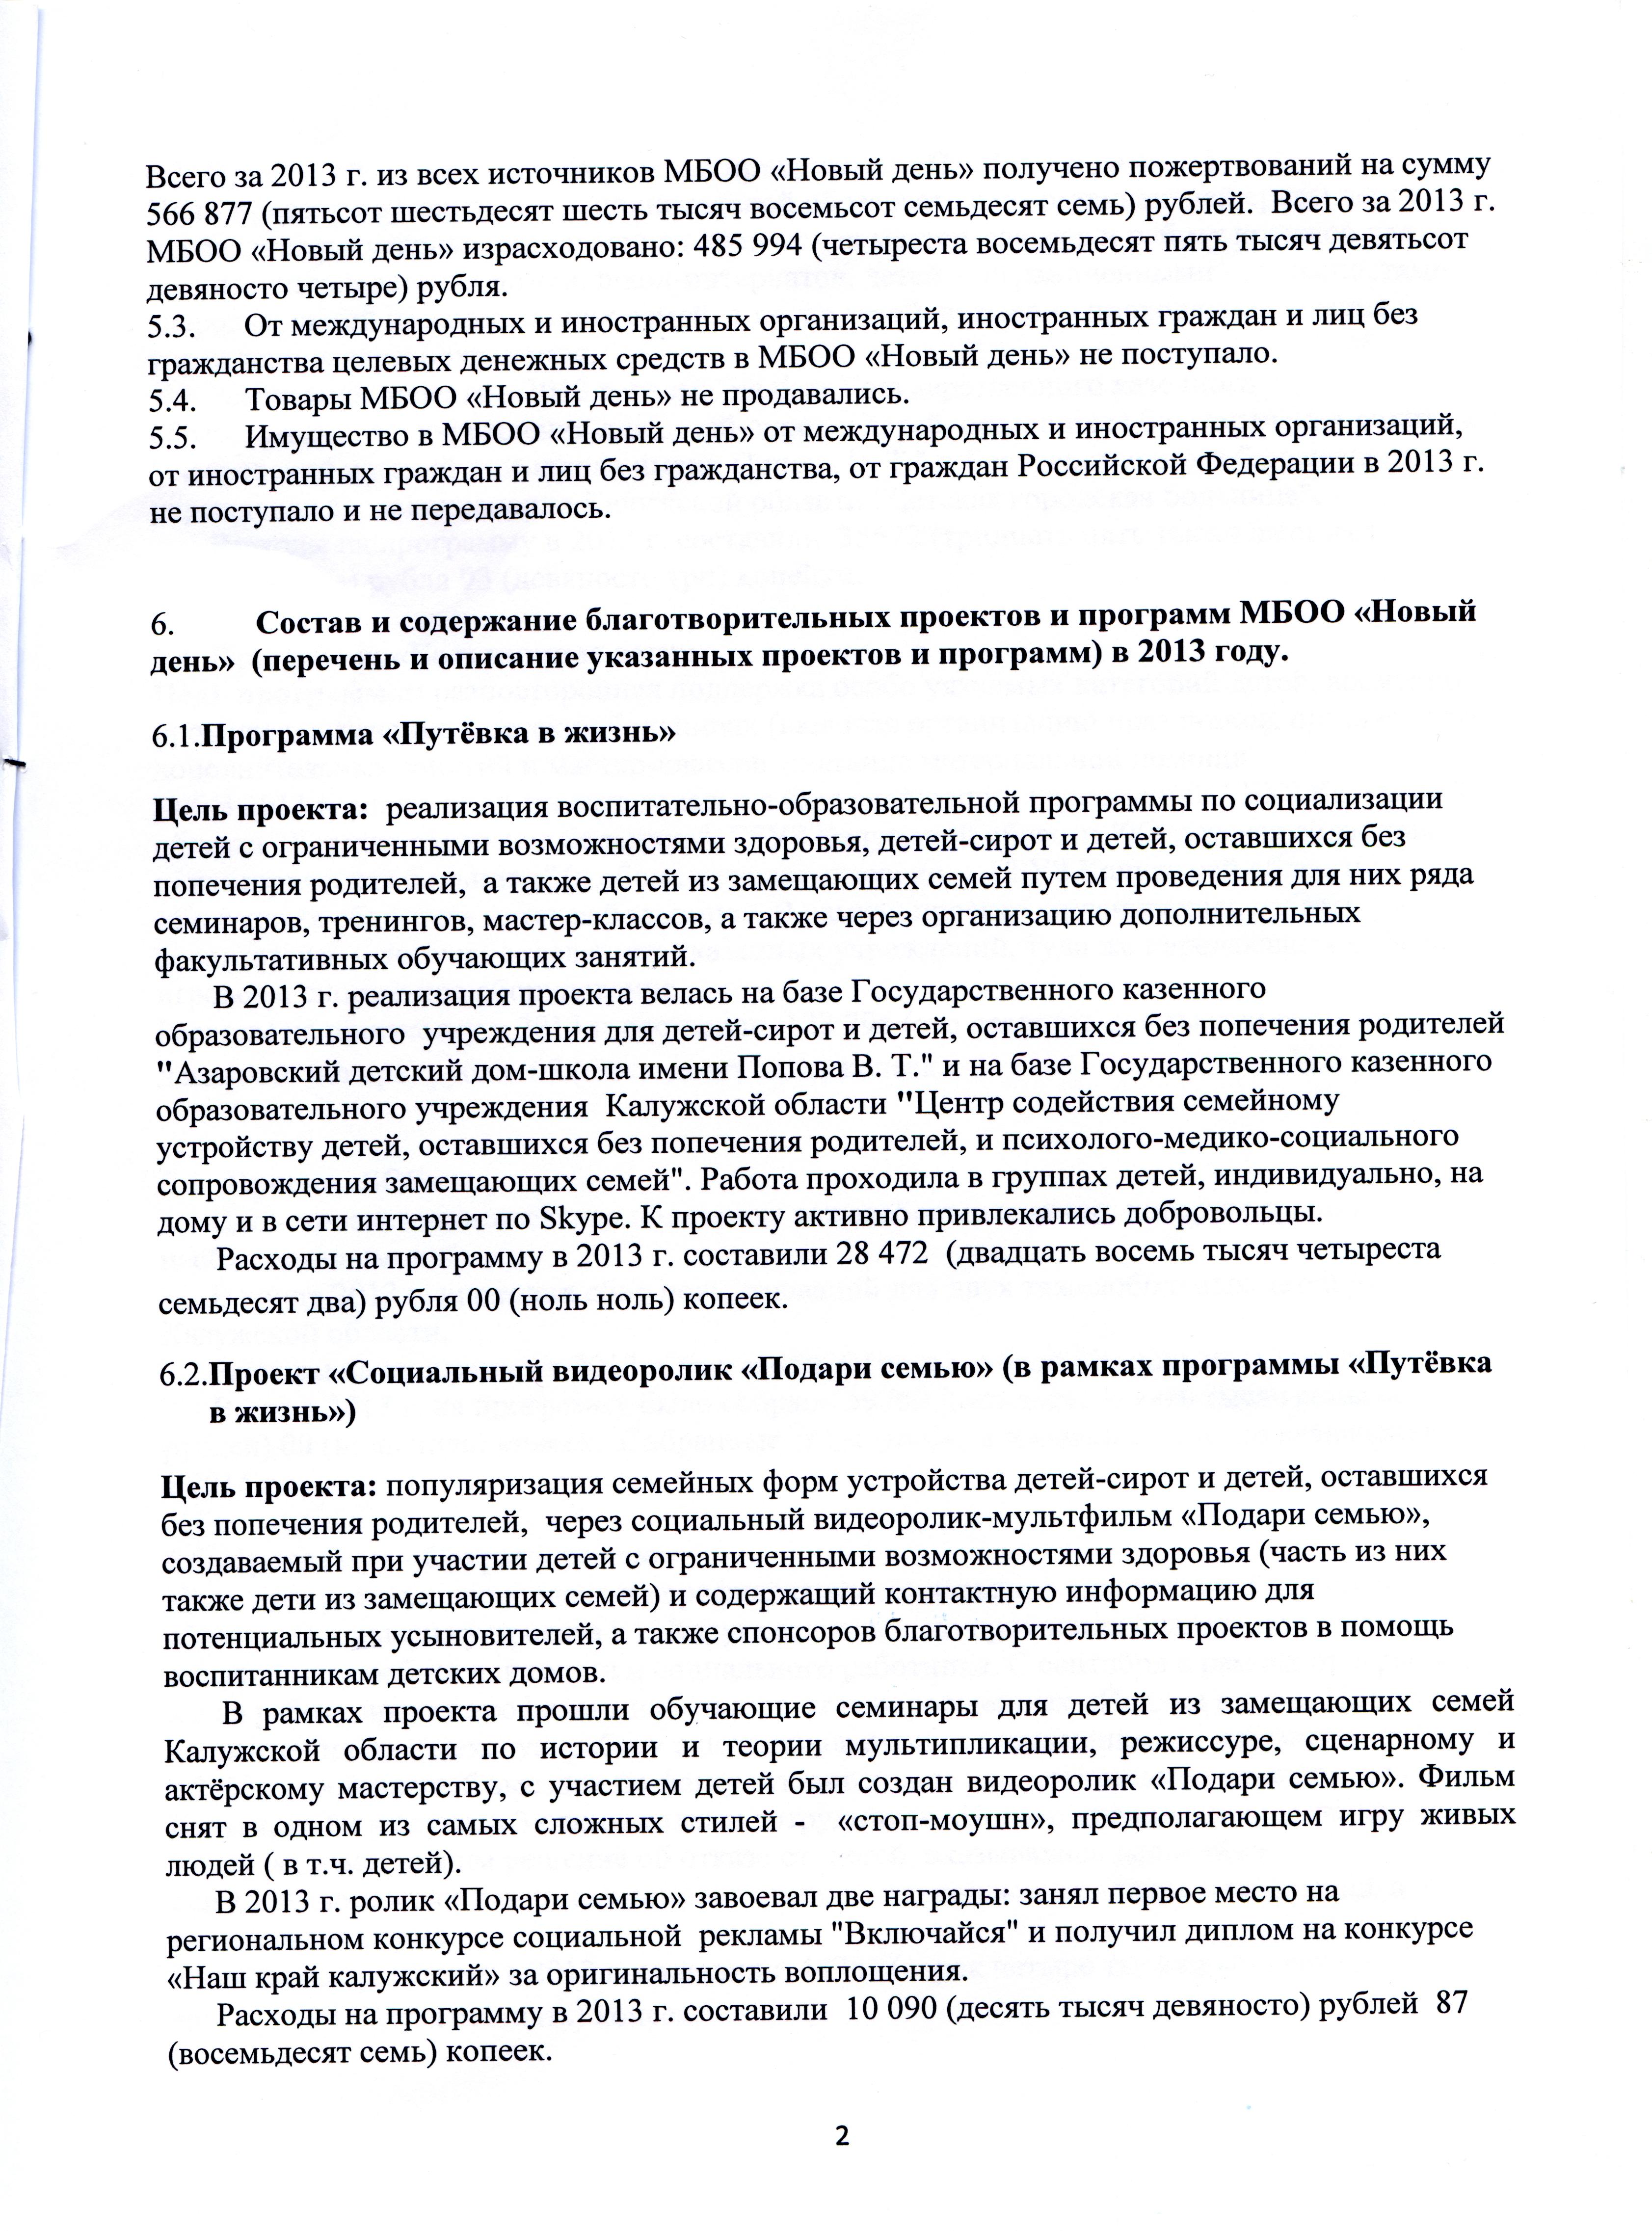 """Отчёт МБОО """"Новый день"""" в 2013 году документ 2"""